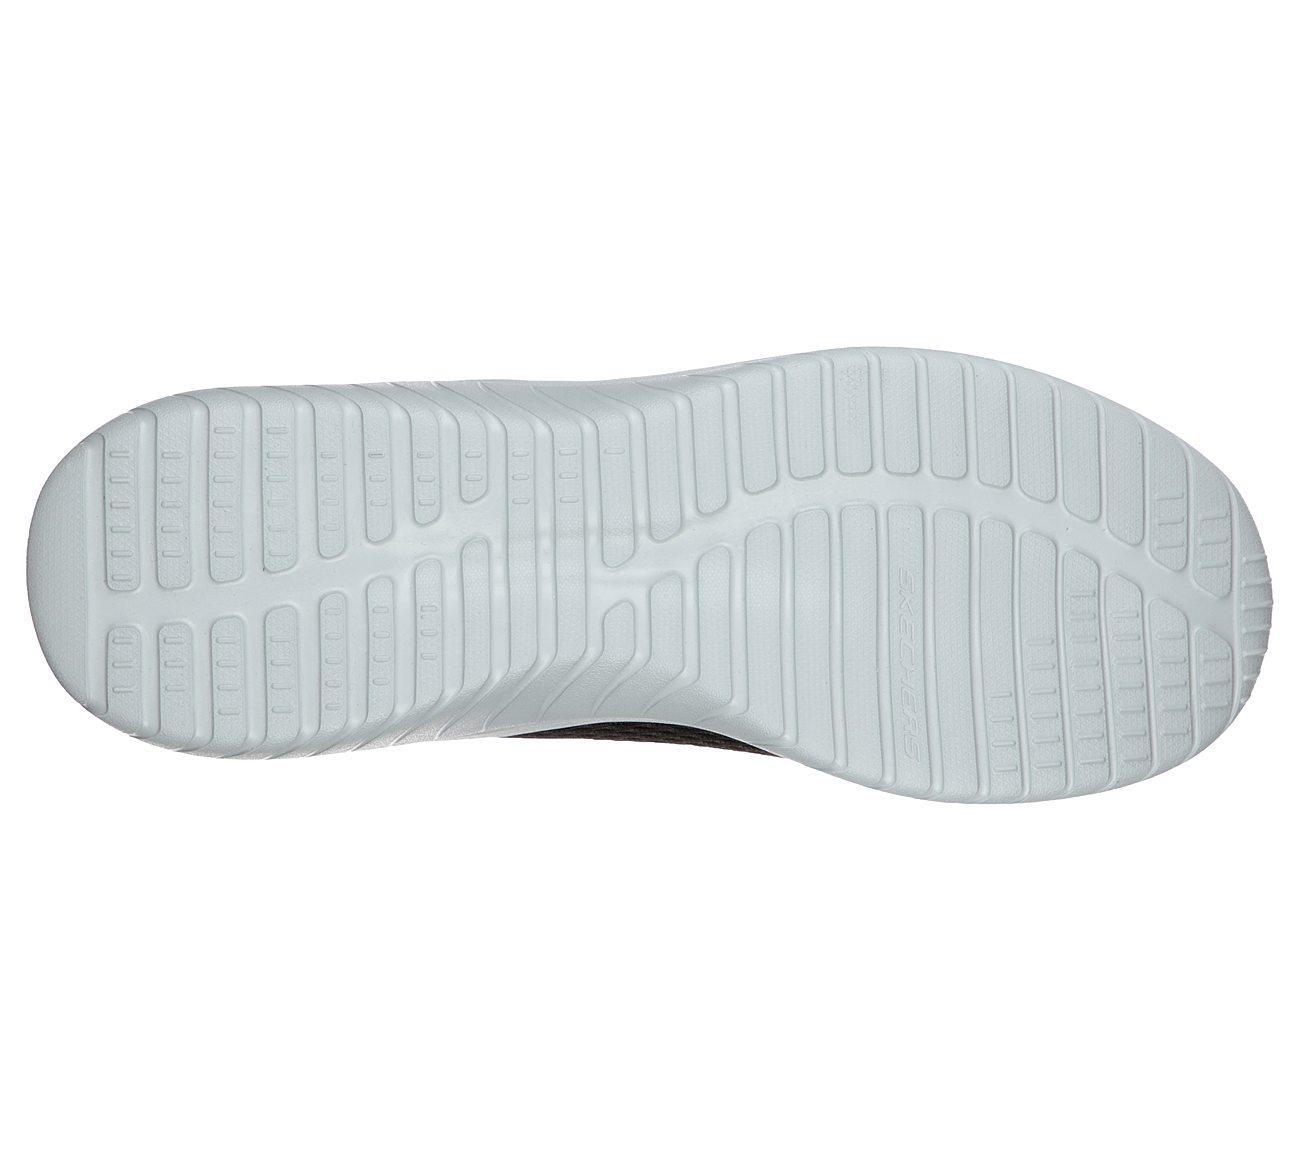 Zapatillas deportivas Skechers Ultra Flex 2.0 Kelmer 52767 gris